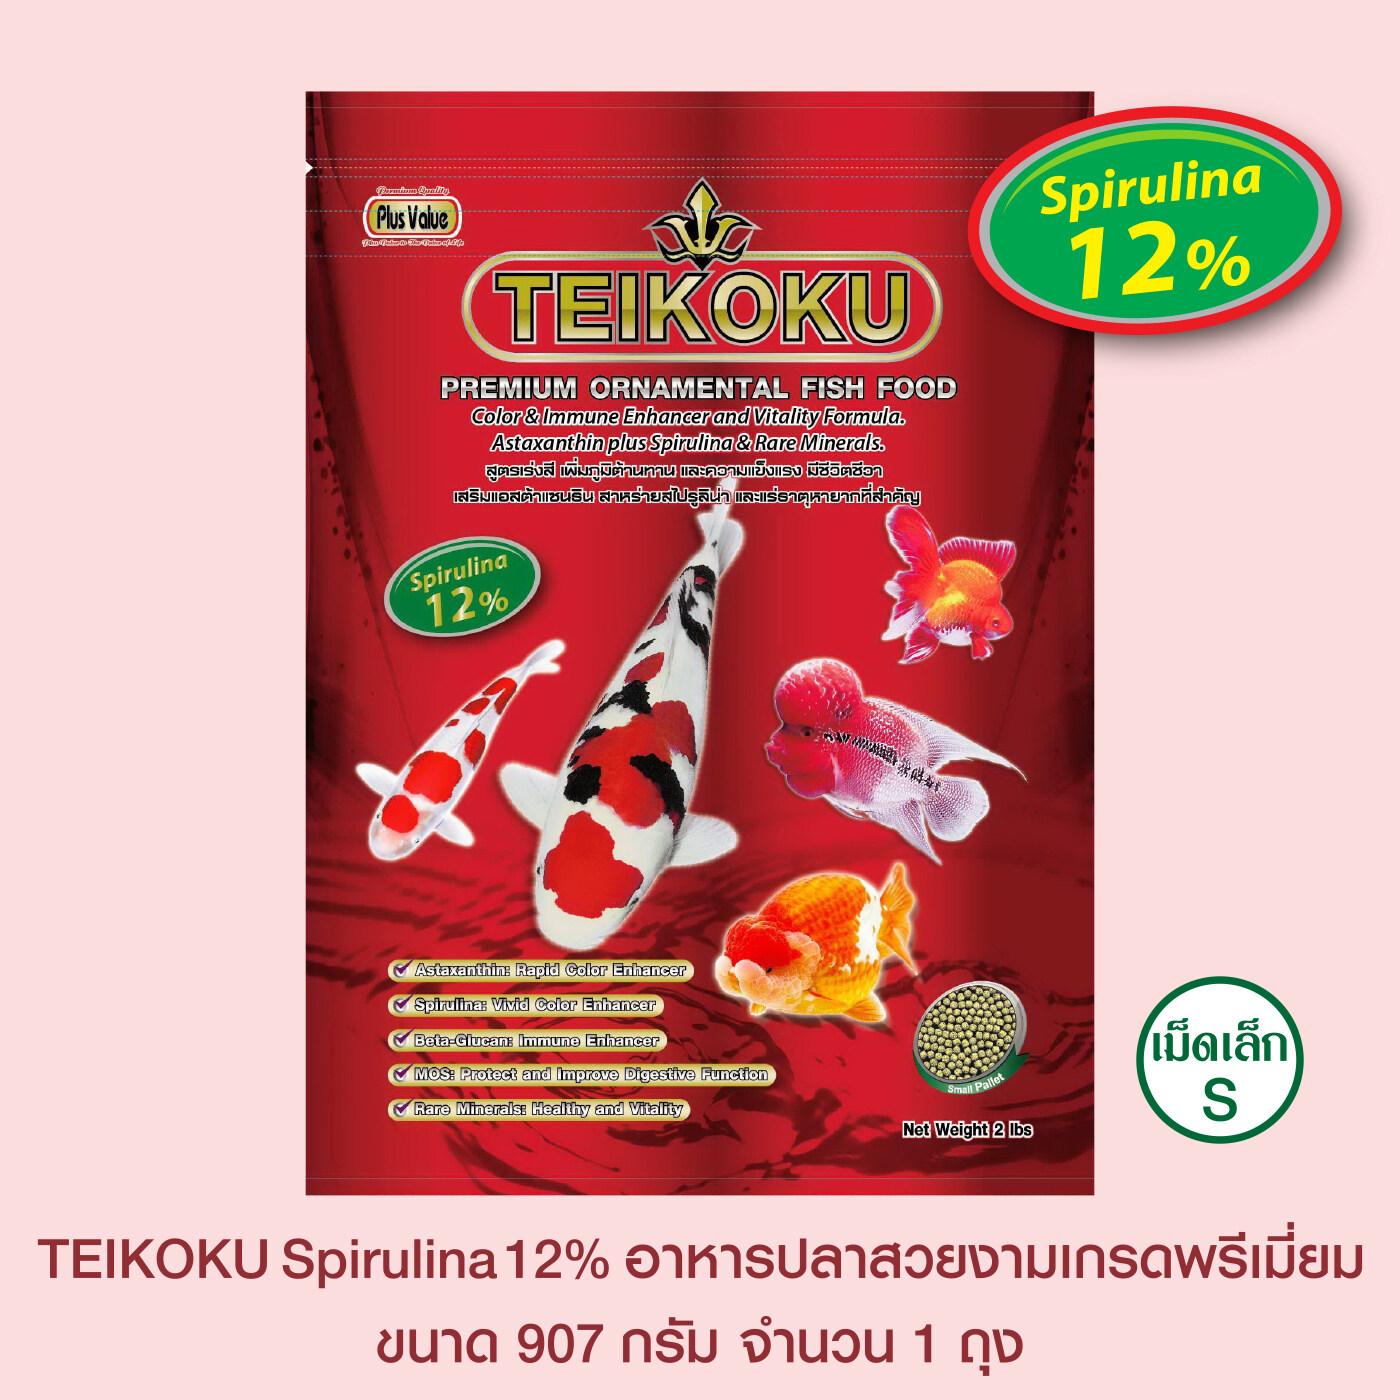 TEIKOKU SPIRULINA 12% อาหารปลาสวยงามเกรดพรีเมี่ยม - เม็ดเล็ก ขนาด 907 กรัม จำนวน 1 ถุง